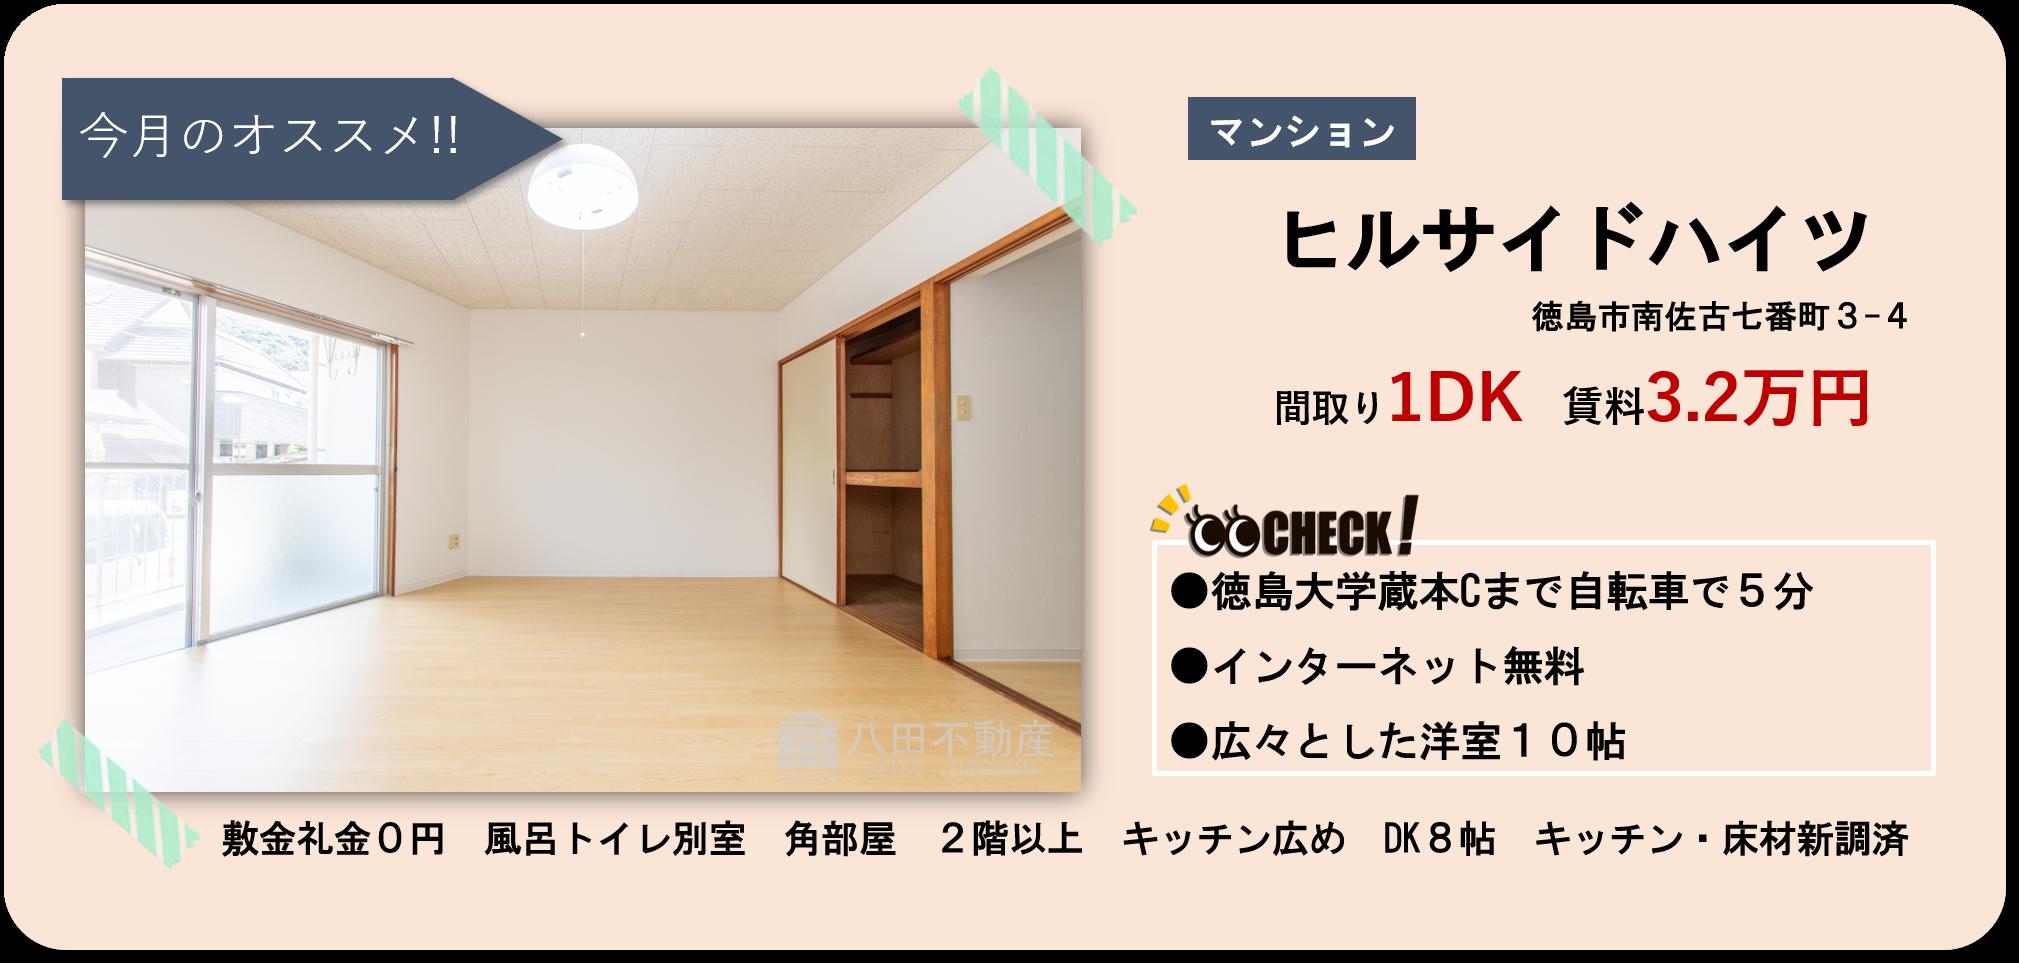 徳島 賃貸 佐古 | 徳島の賃貸マンション・アパート・売買は八田不動産まで